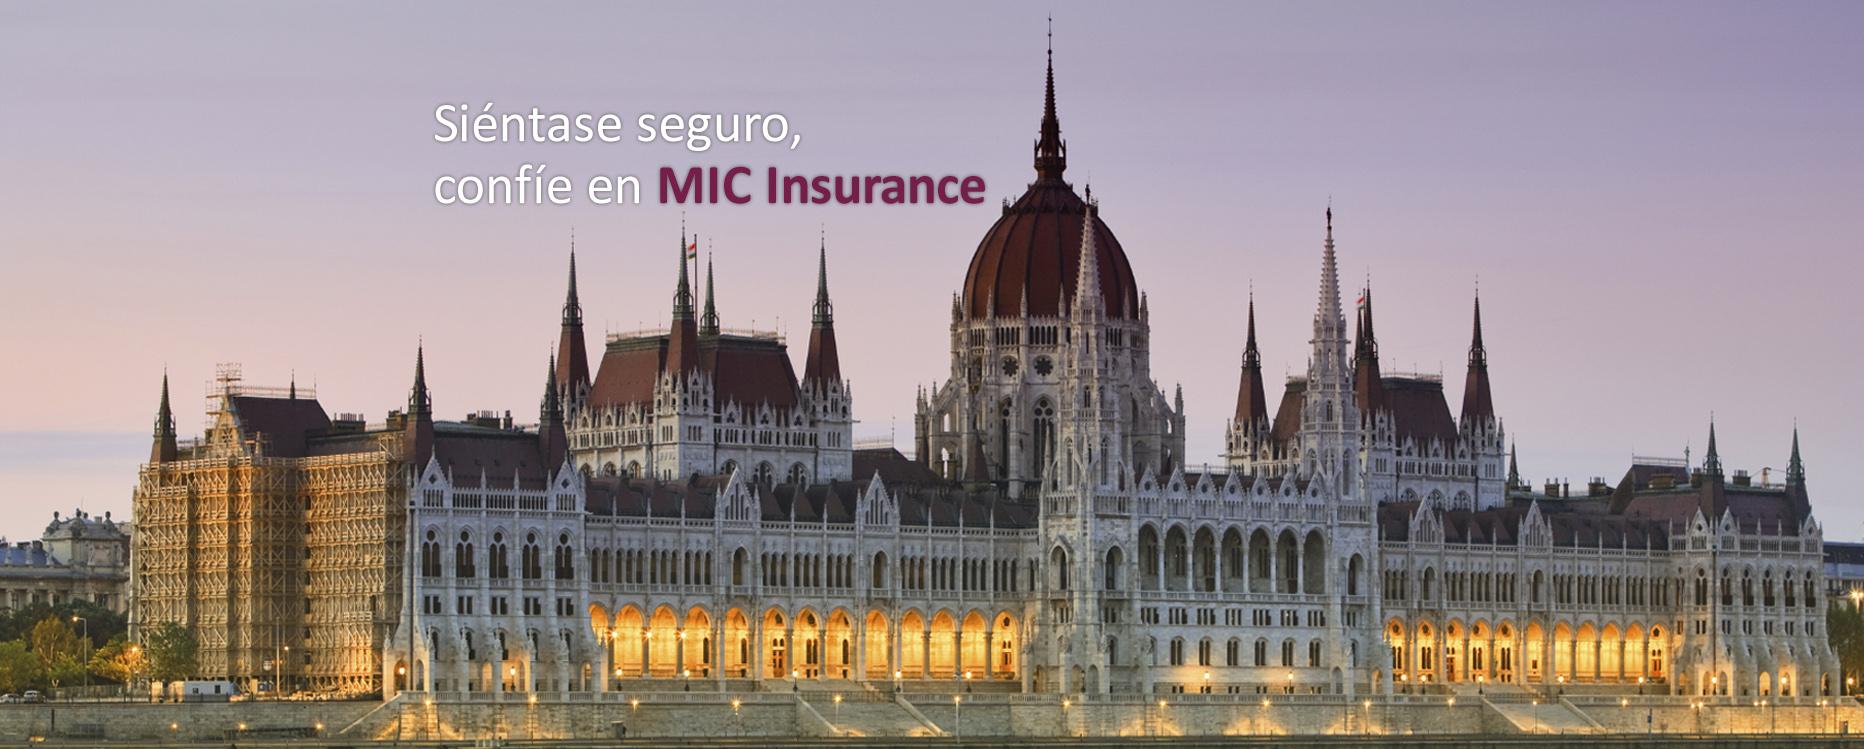 Seguros para la Construcción - MIC Insurance